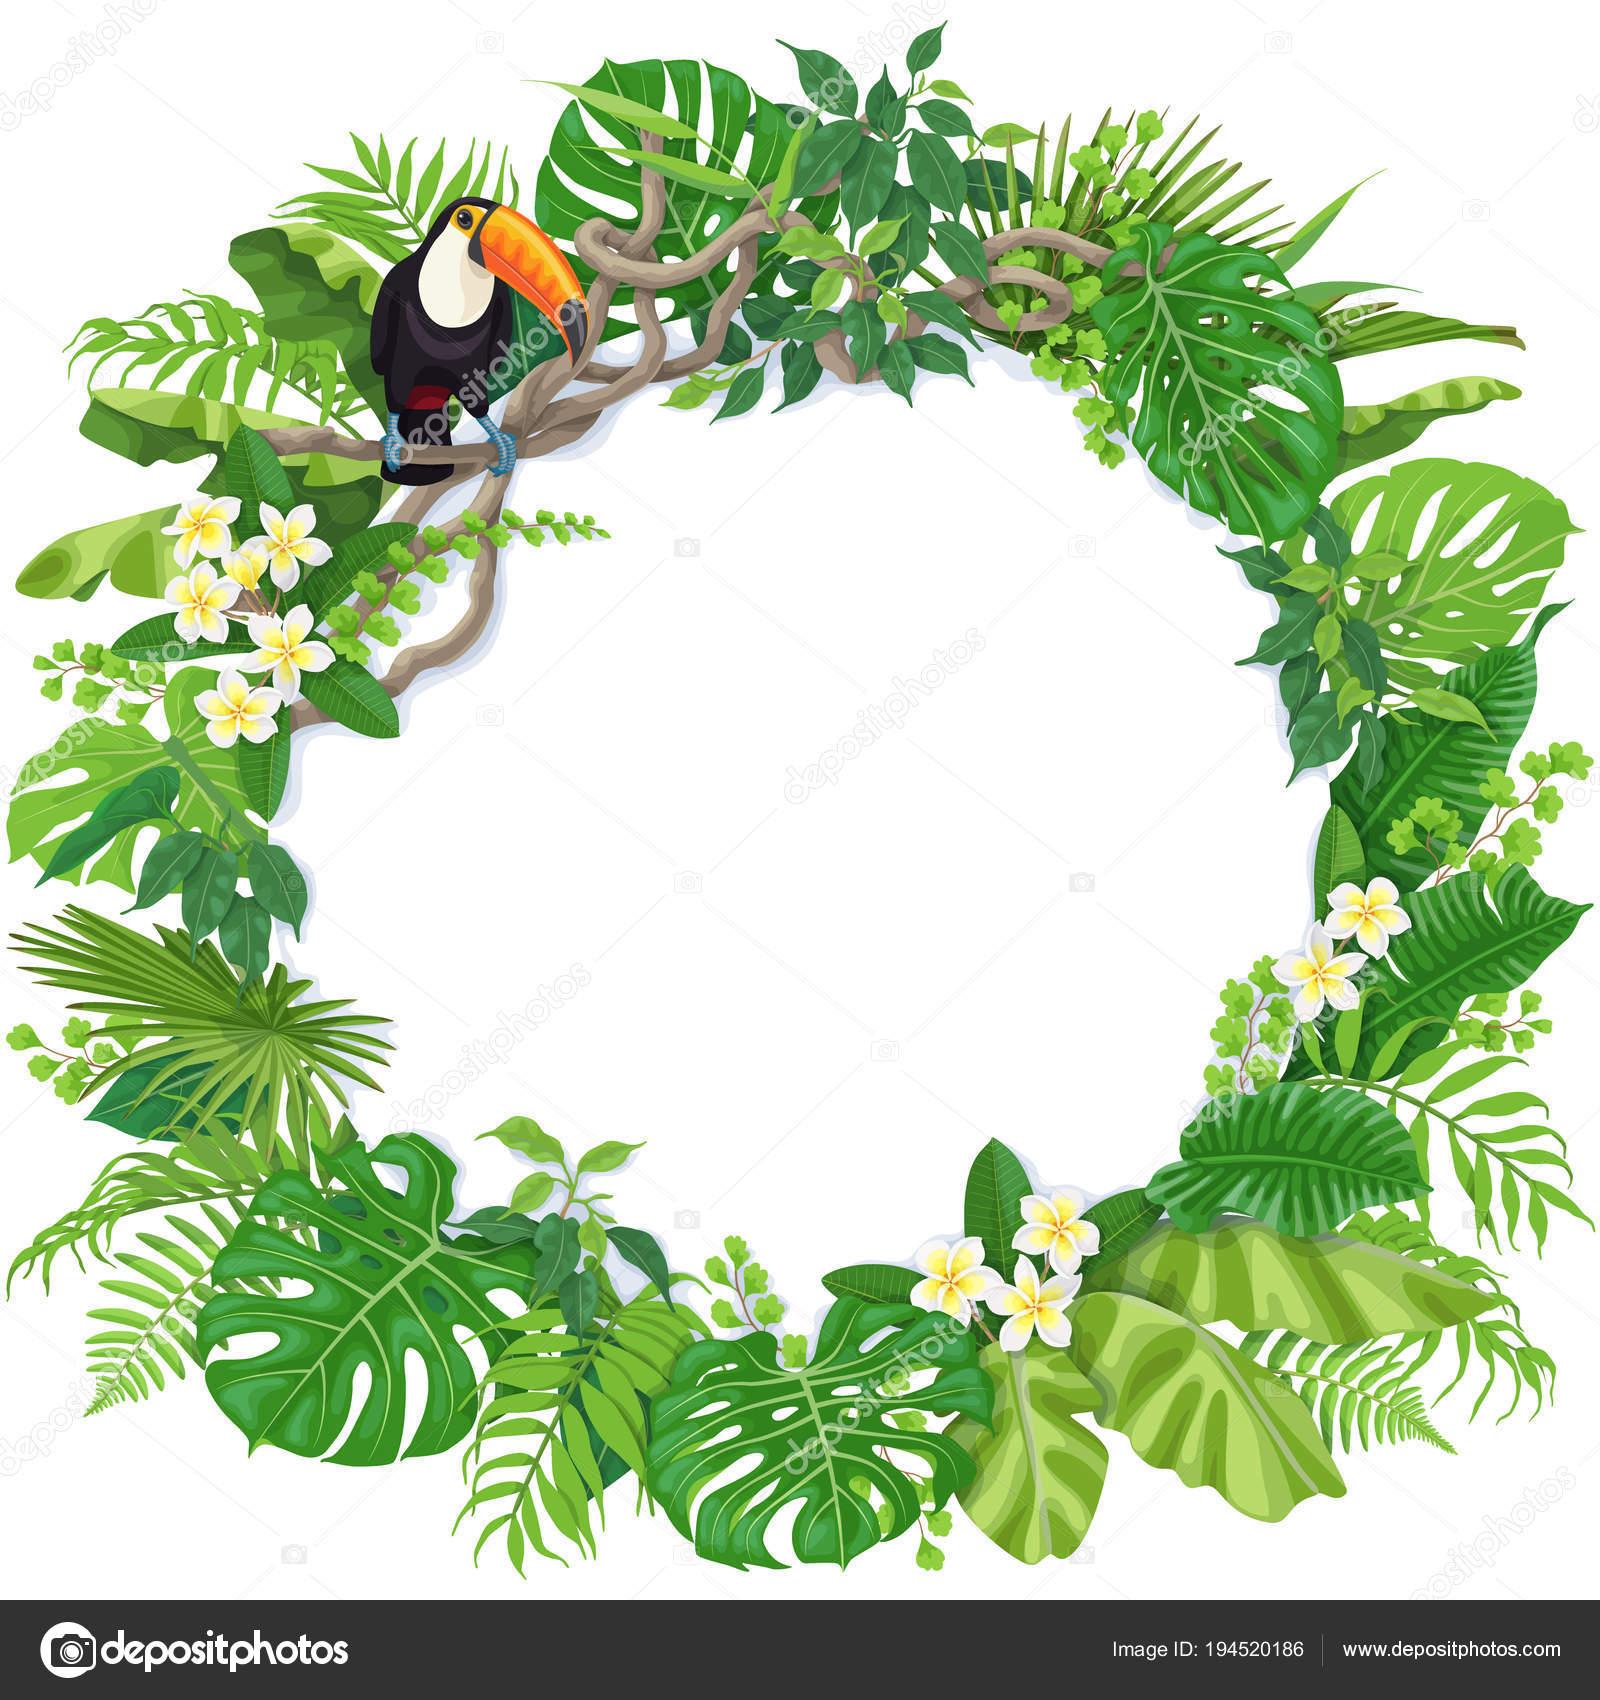 Marcos para hoja de vida marco redondo con plantas tropicales y tuc n vector de stock - Marcos para plantas ...